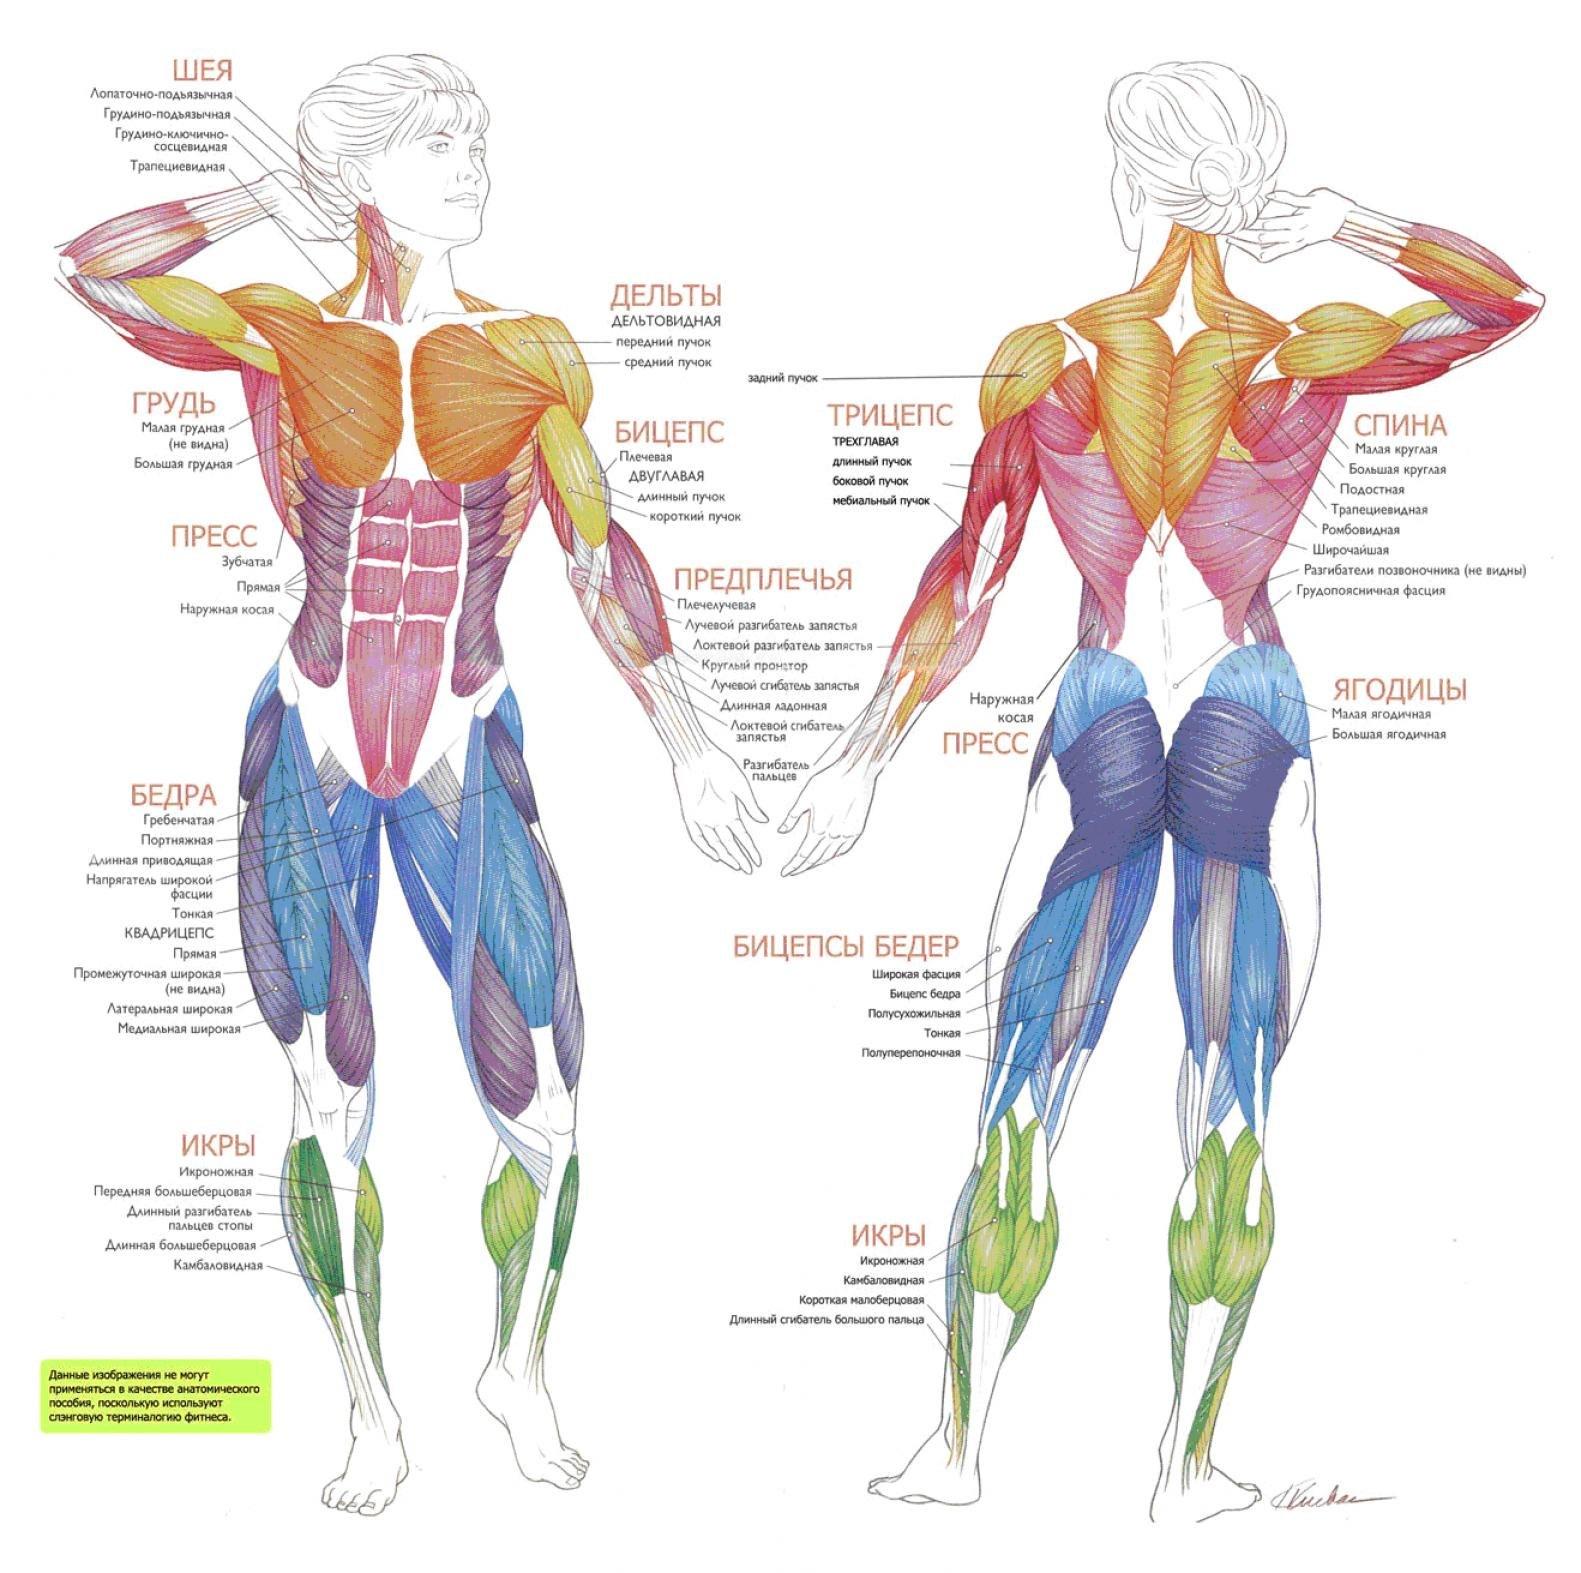 анатомия человека в картинках мышцы